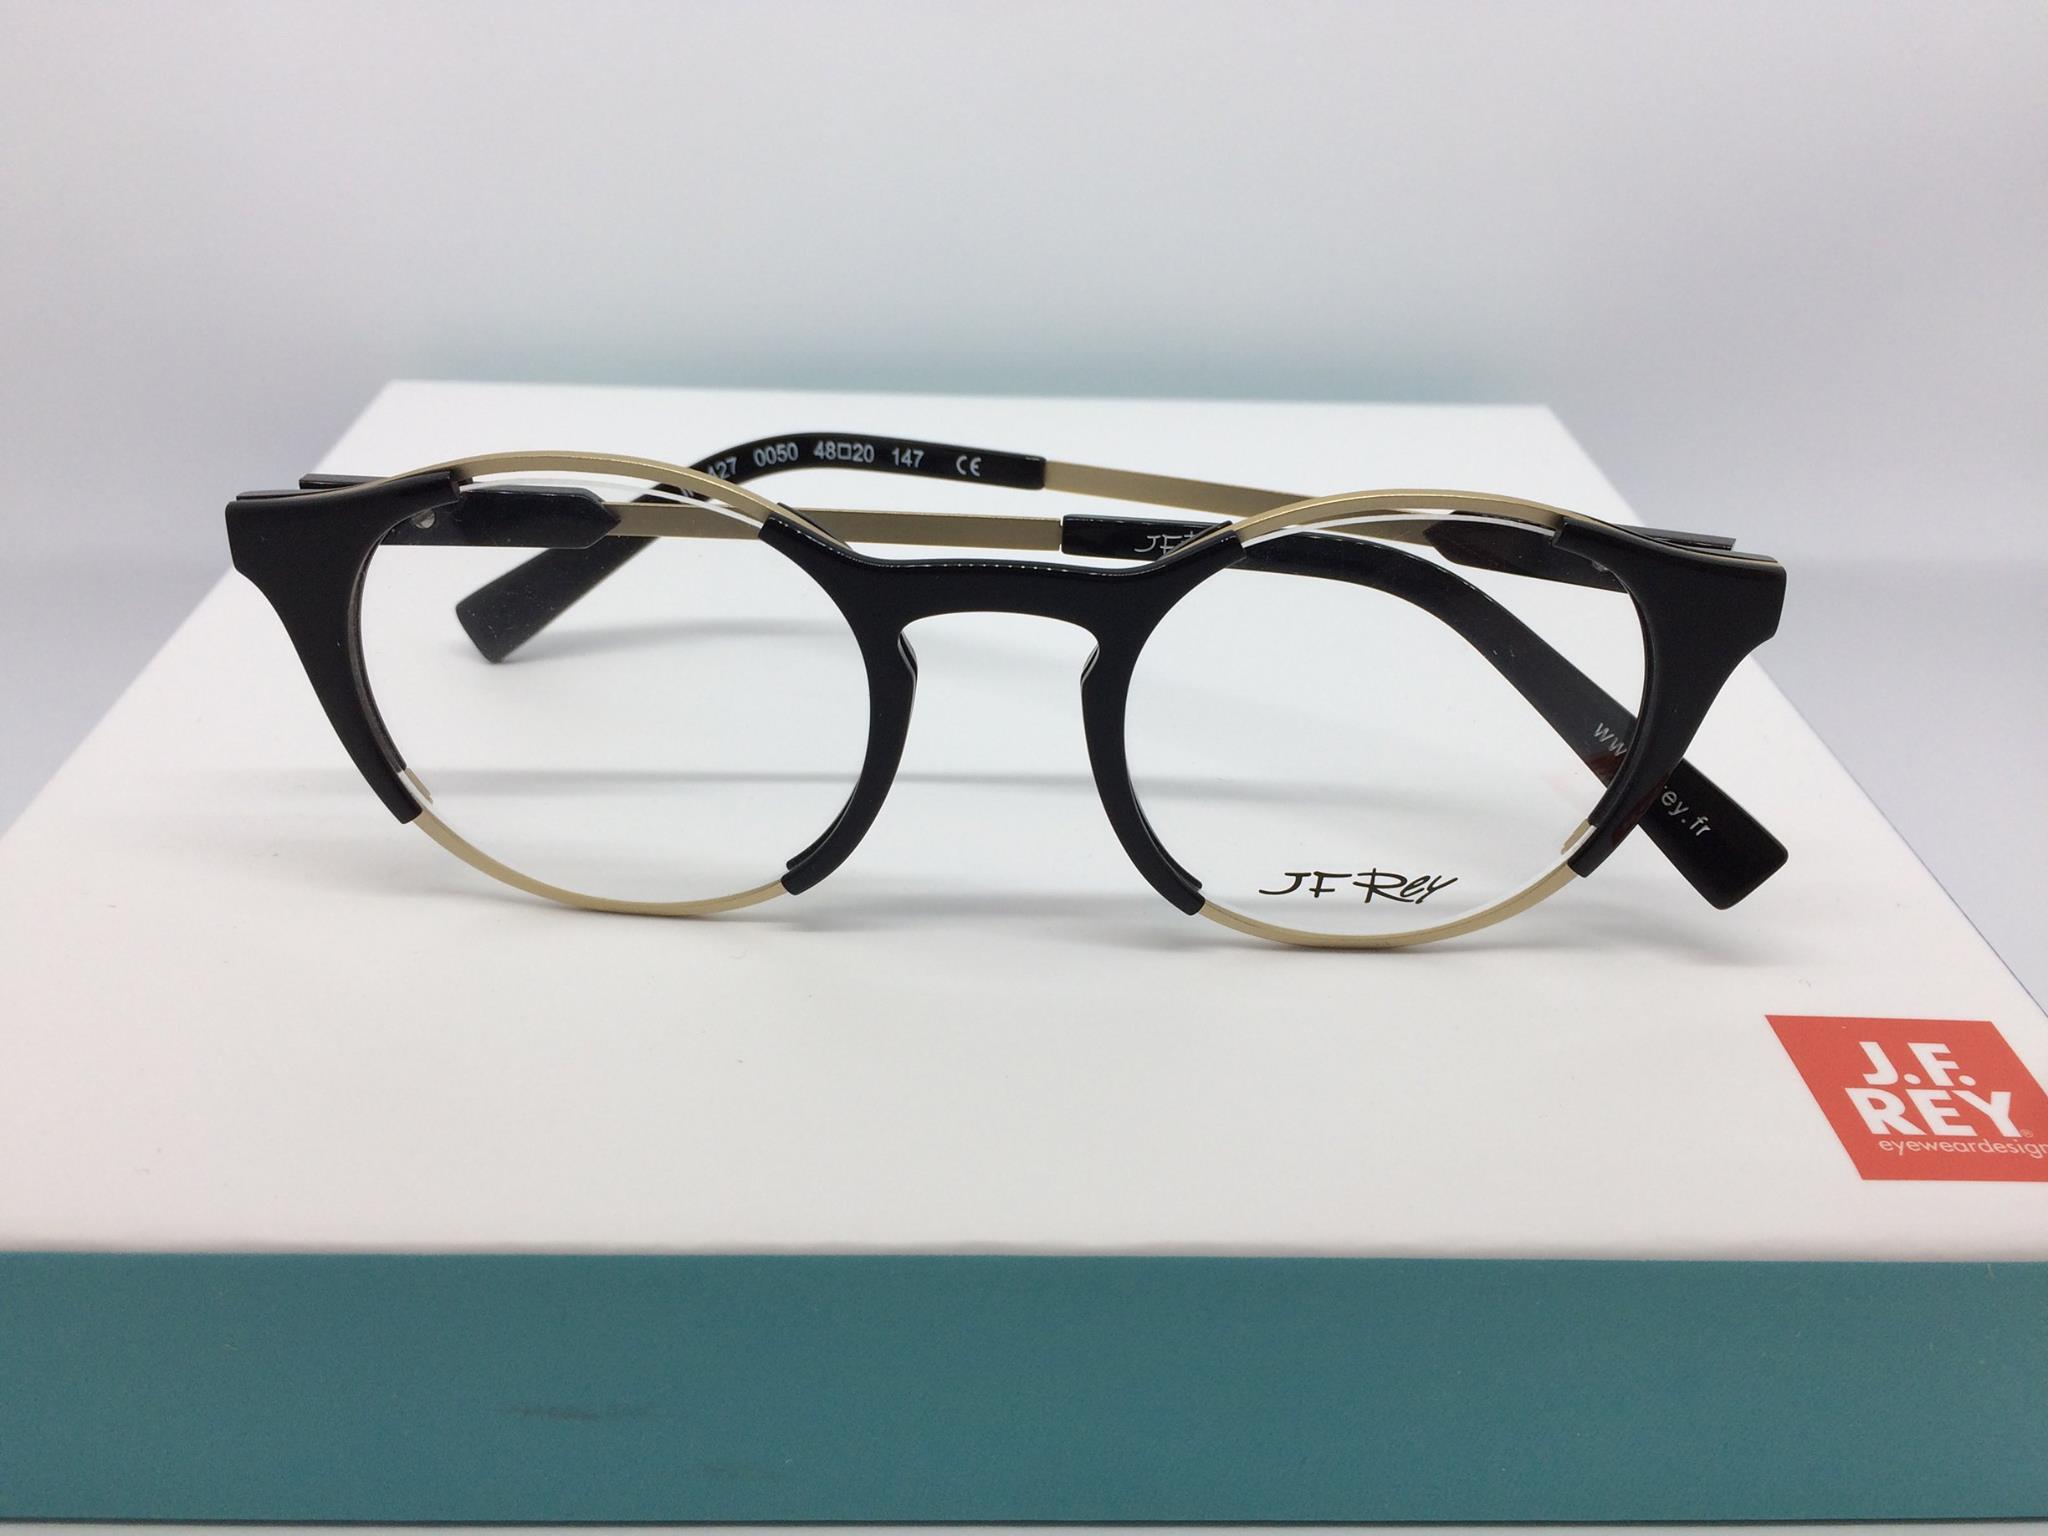 Découvrez les lunettes en cuir de la marque J.F Rey